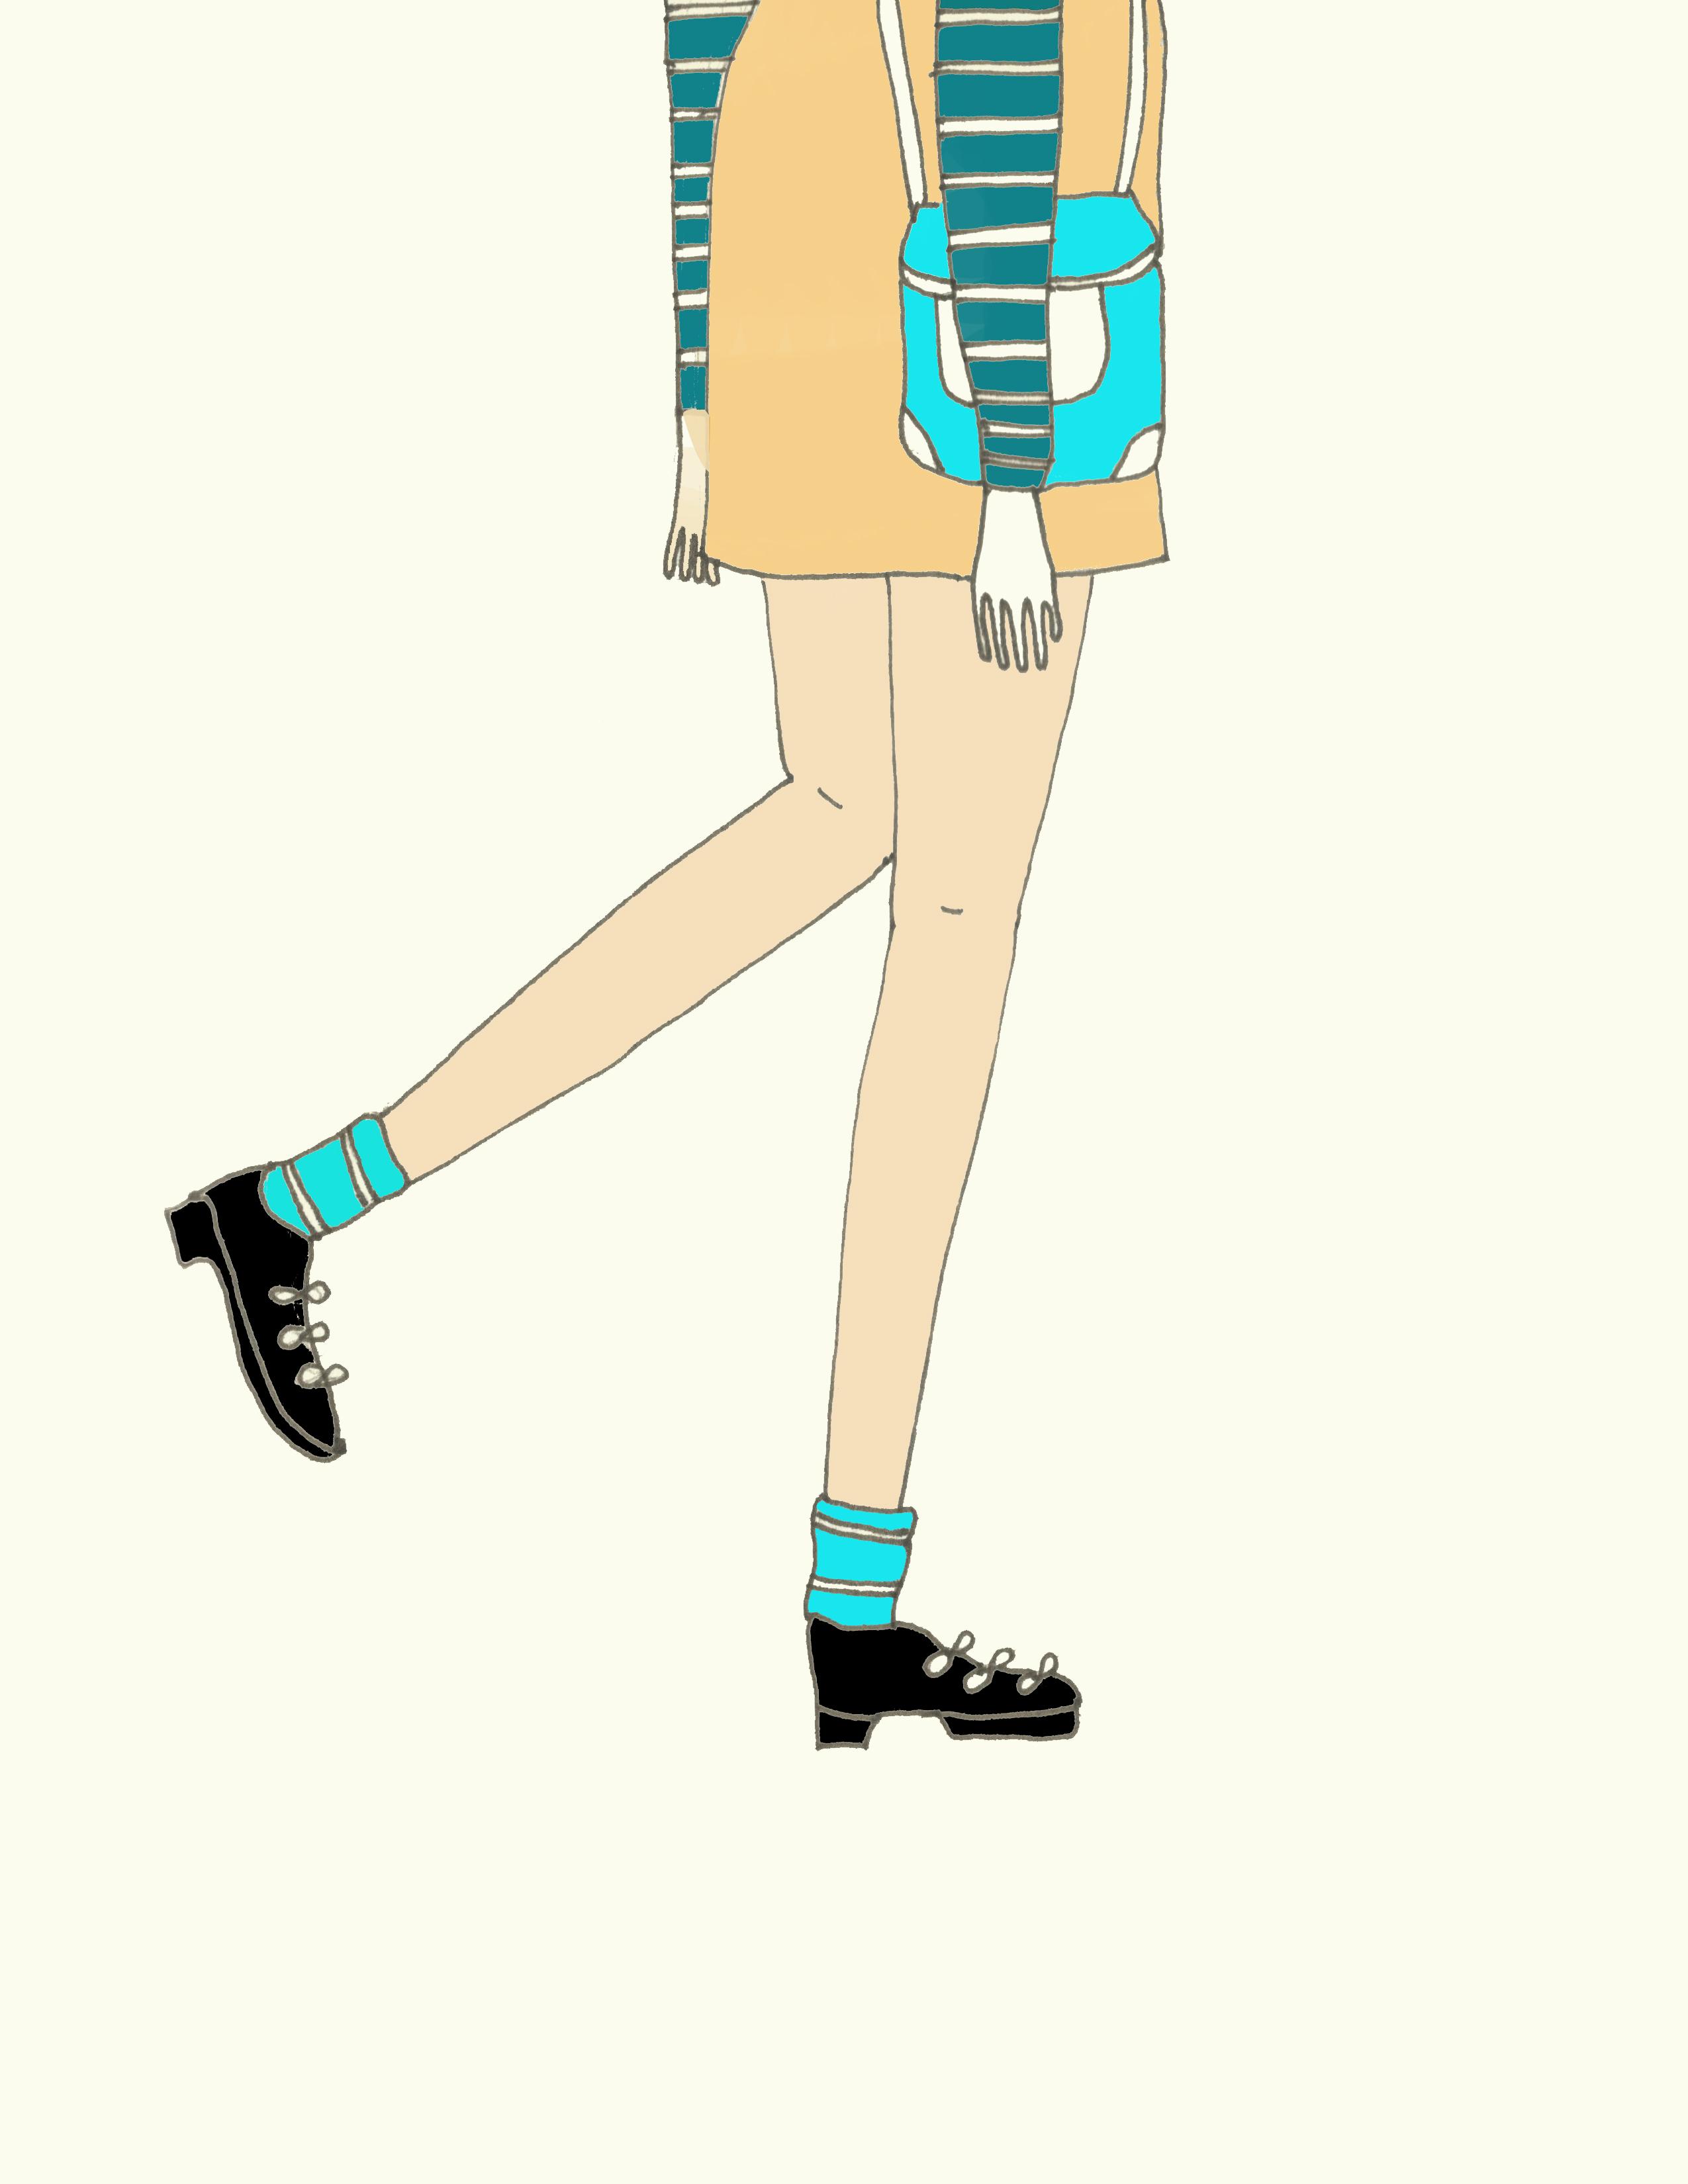 Ilustracion por Alejandra Montero.